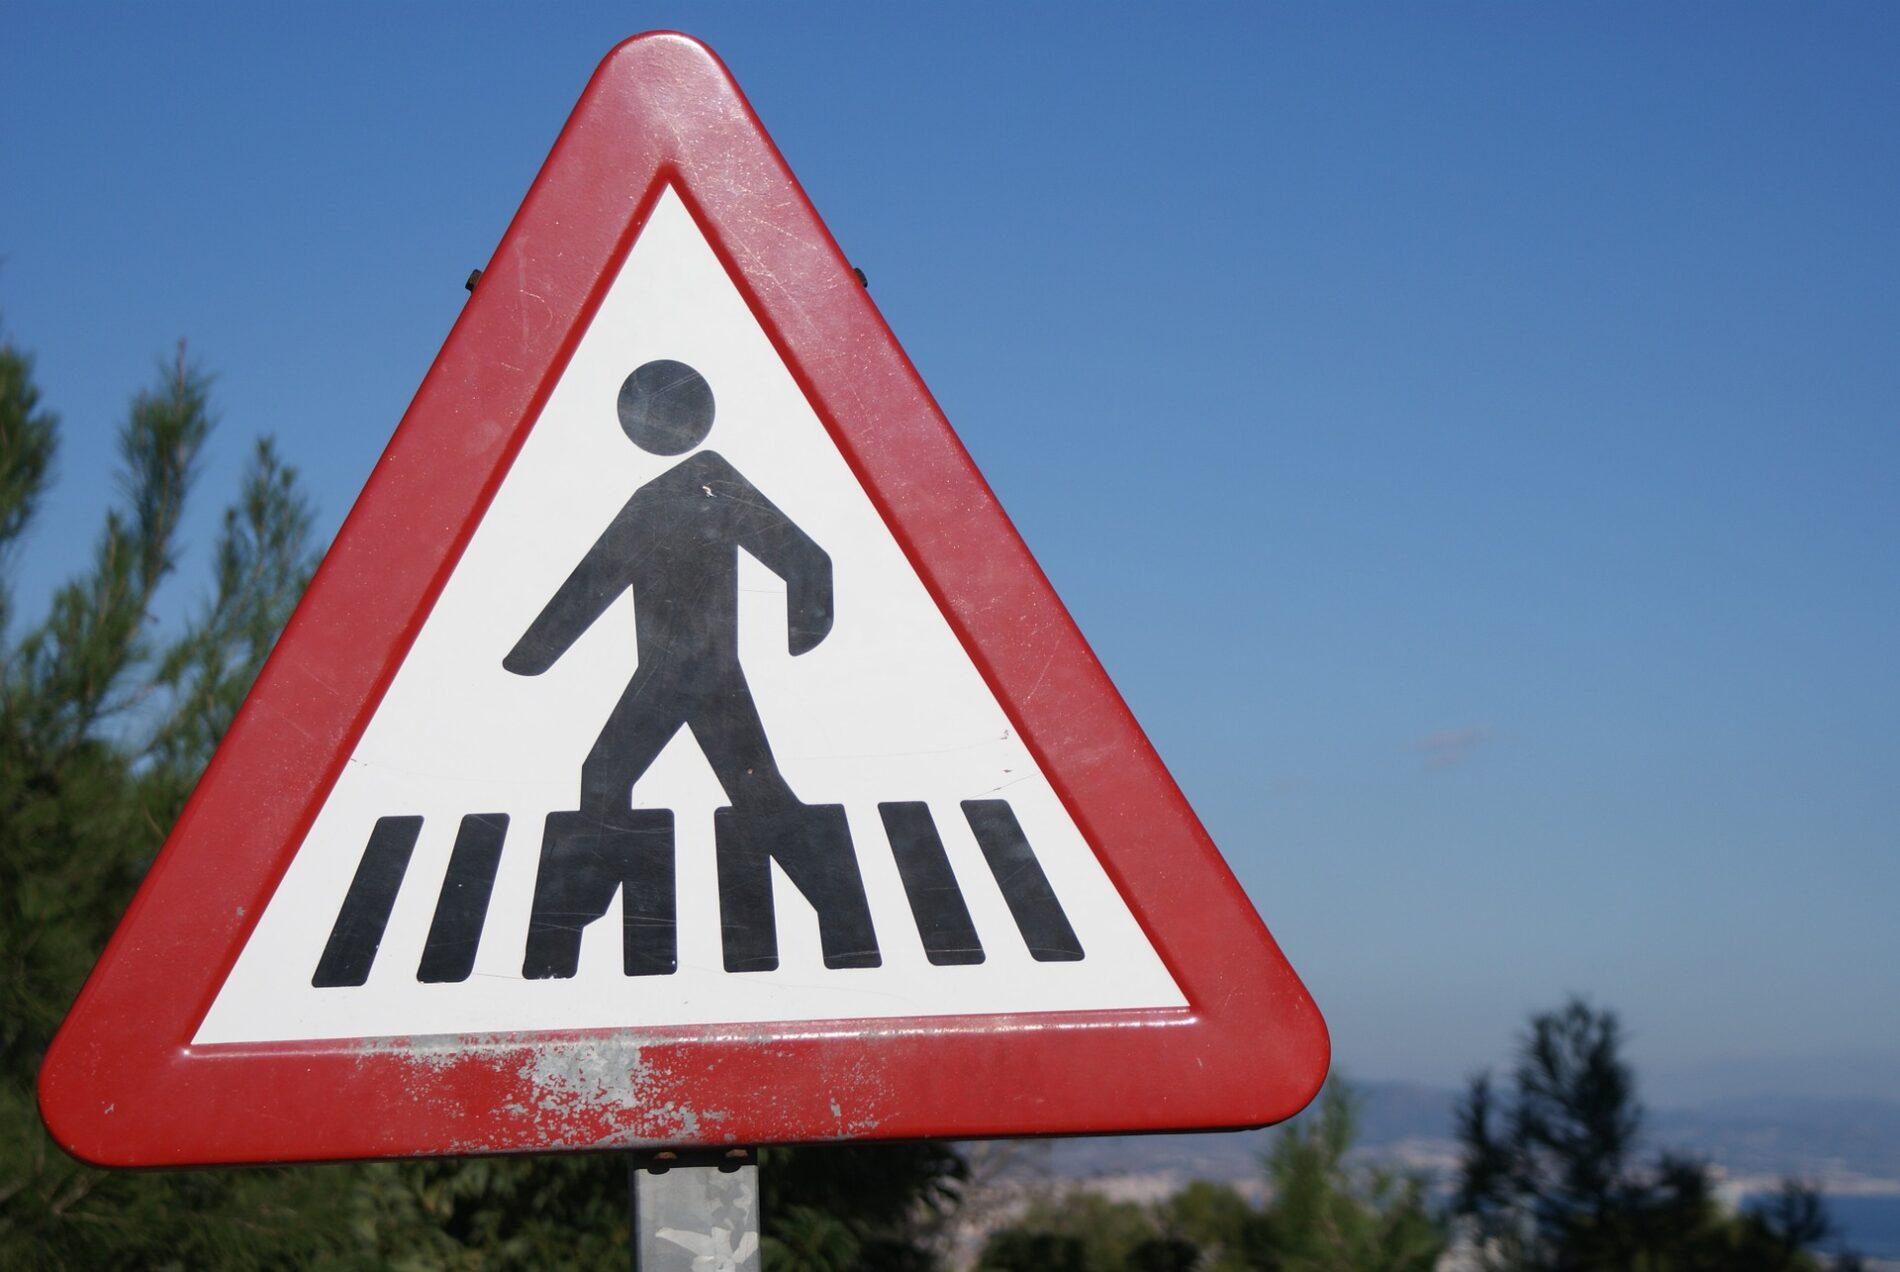 ¿Sabías que la DGT planea ciudades sin señales y casi sin semáforos?